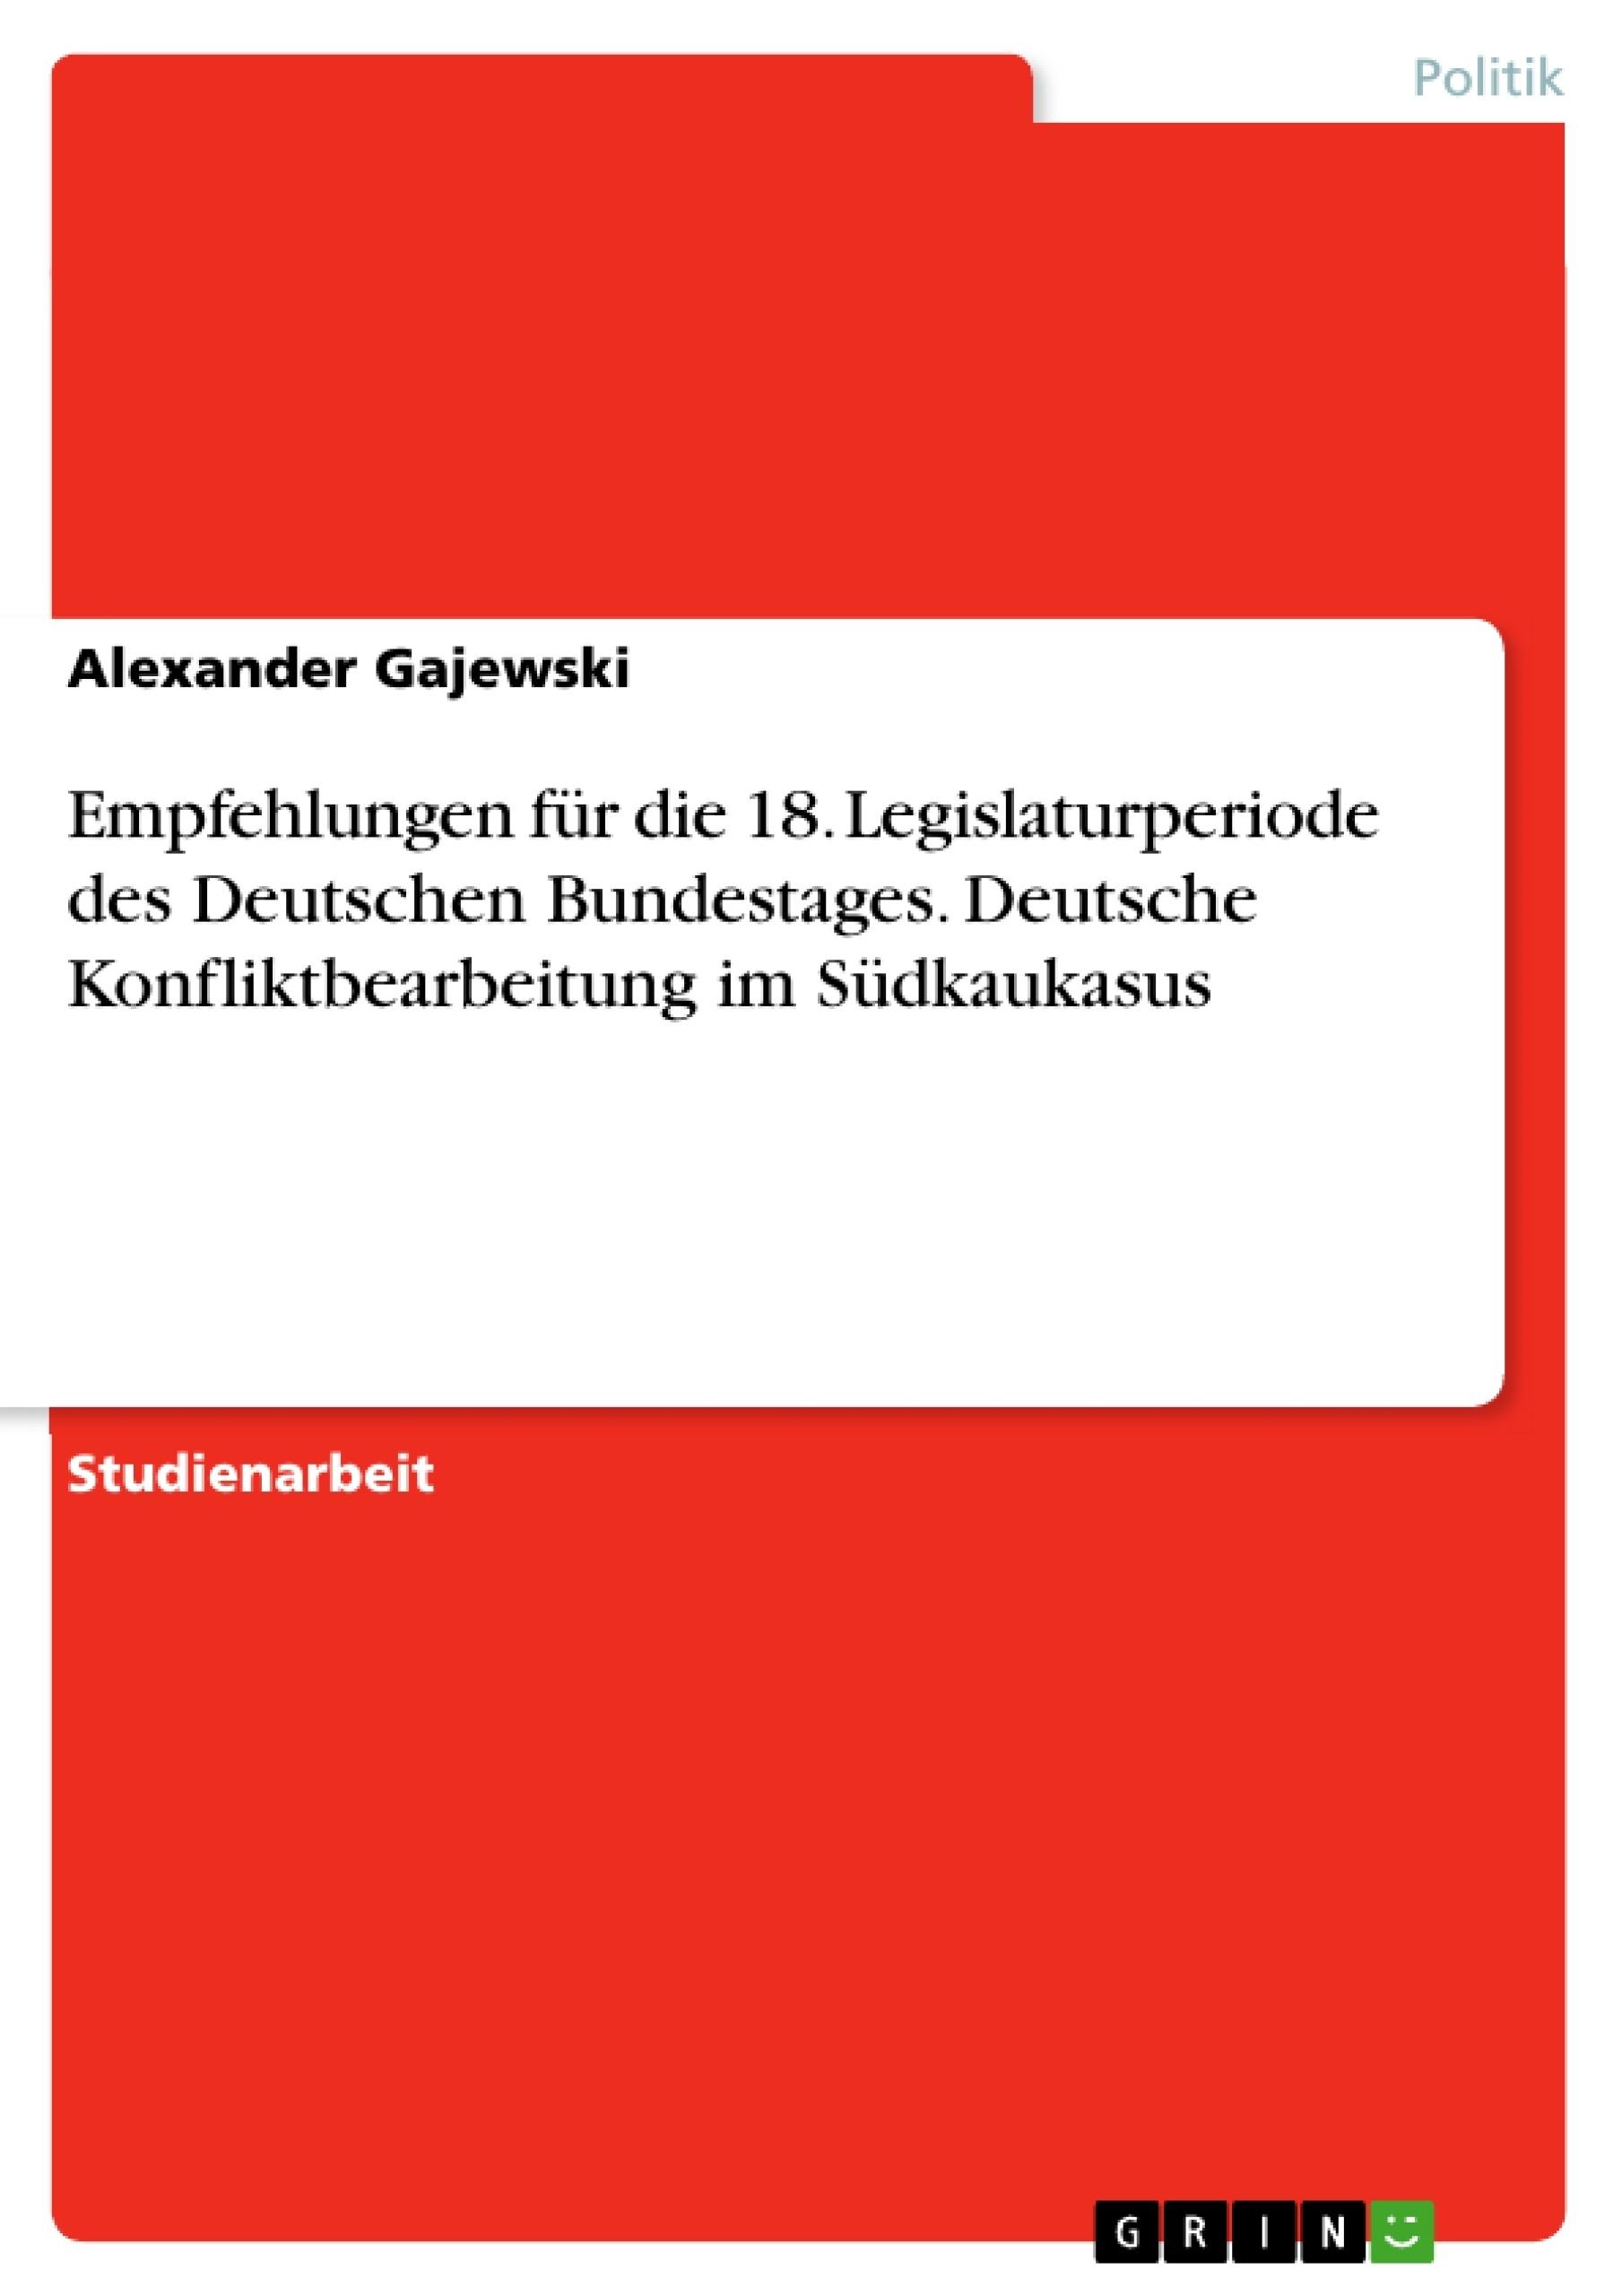 Titel: Empfehlungen für die 18. Legislaturperiode des Deutschen Bundestages. Deutsche Konfliktbearbeitung im Südkaukasus